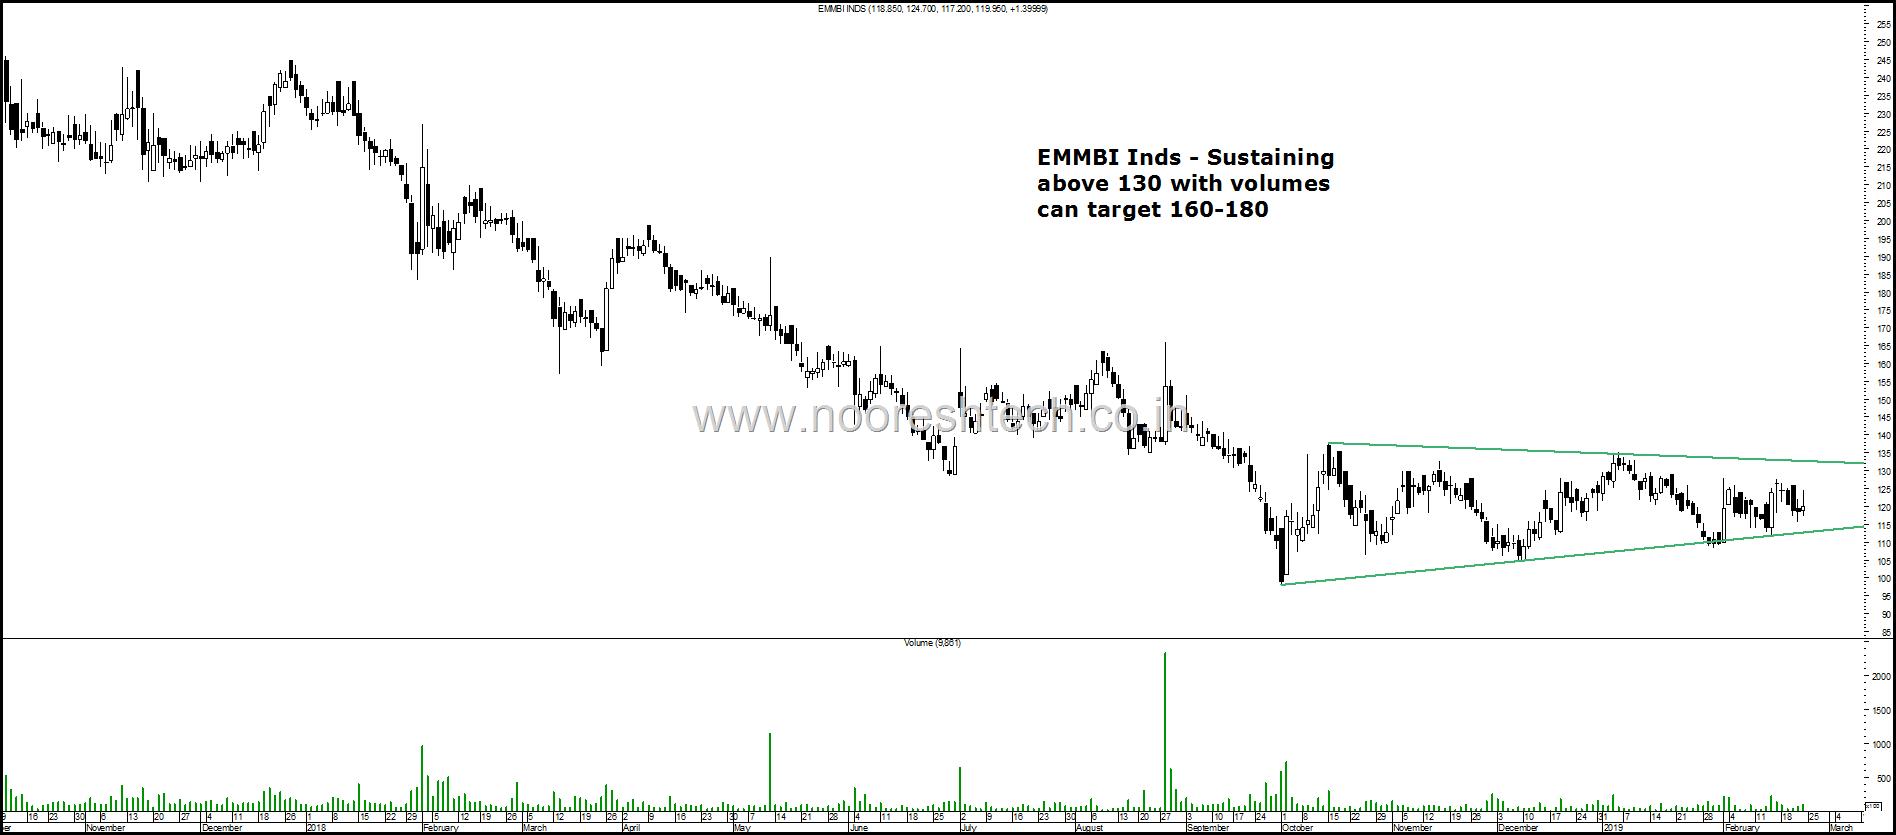 Emmbi